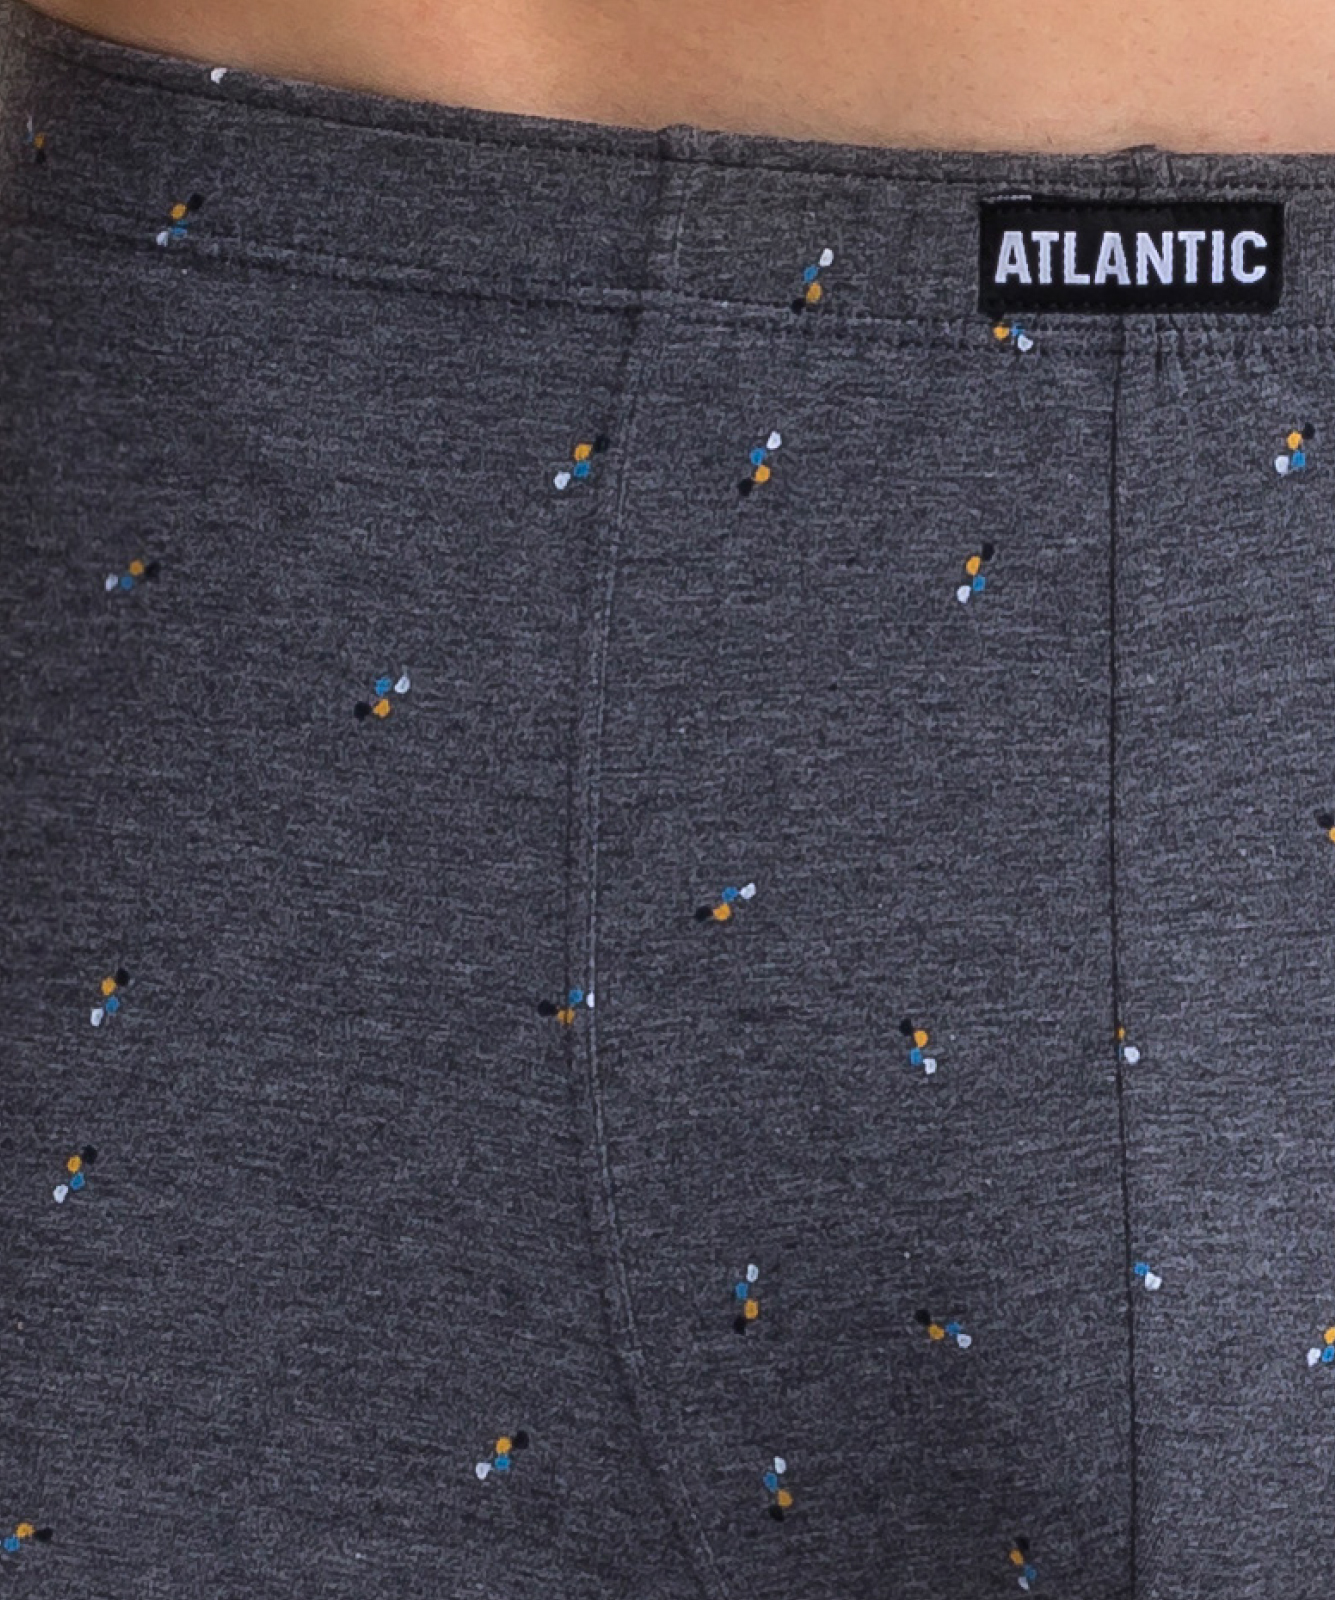 Мужские трусы шорты Atlantic, набор из 3 шт., хлопок, темно-серый меланж + темно-синие + темно-синий меланж, 3MH-025